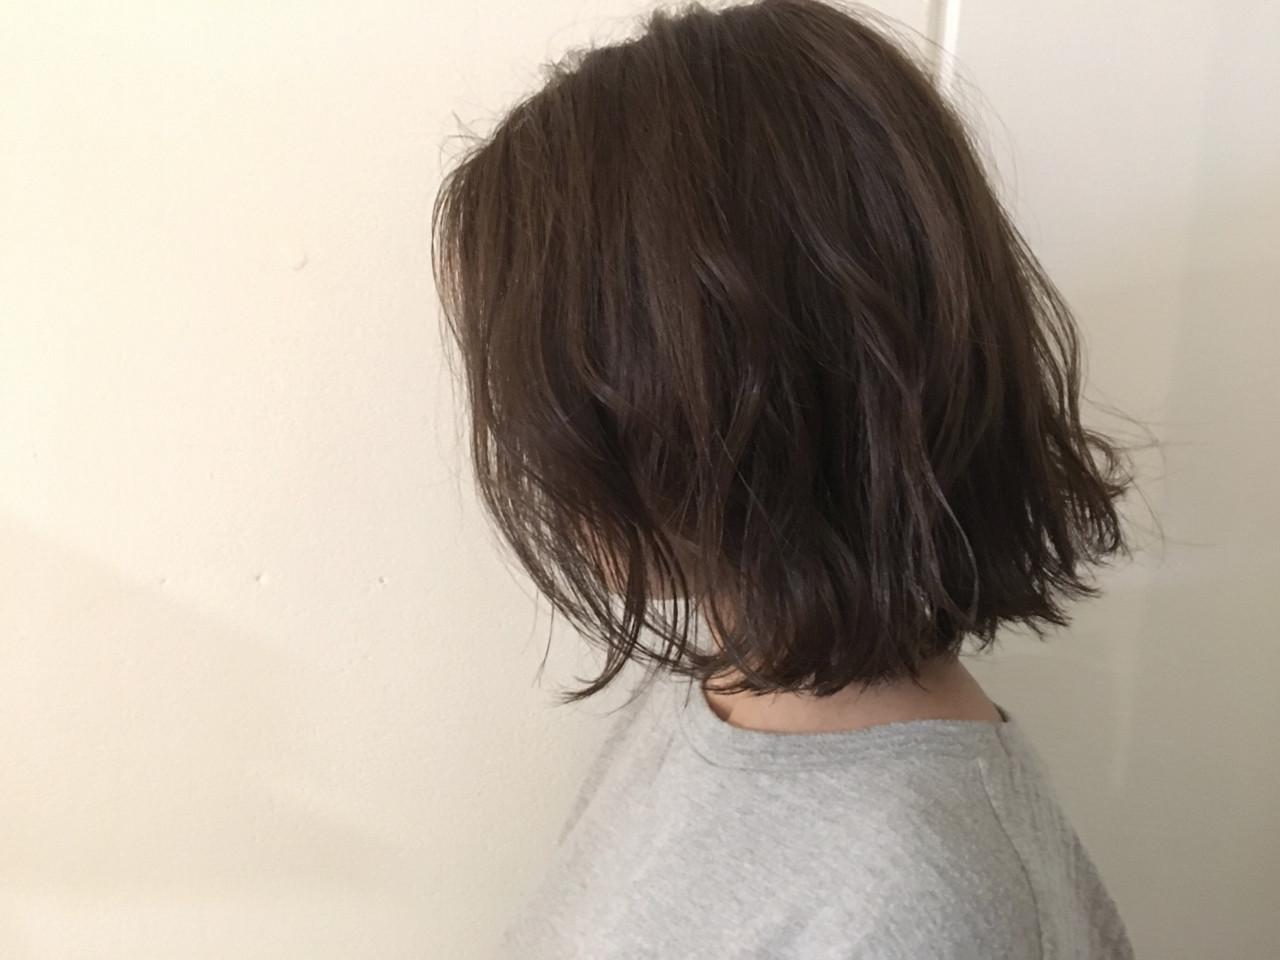 外ハネ 抜け感 ナチュラル グレージュ ヘアスタイルや髪型の写真・画像 | 杉谷 将也 / DiLL / DiLL